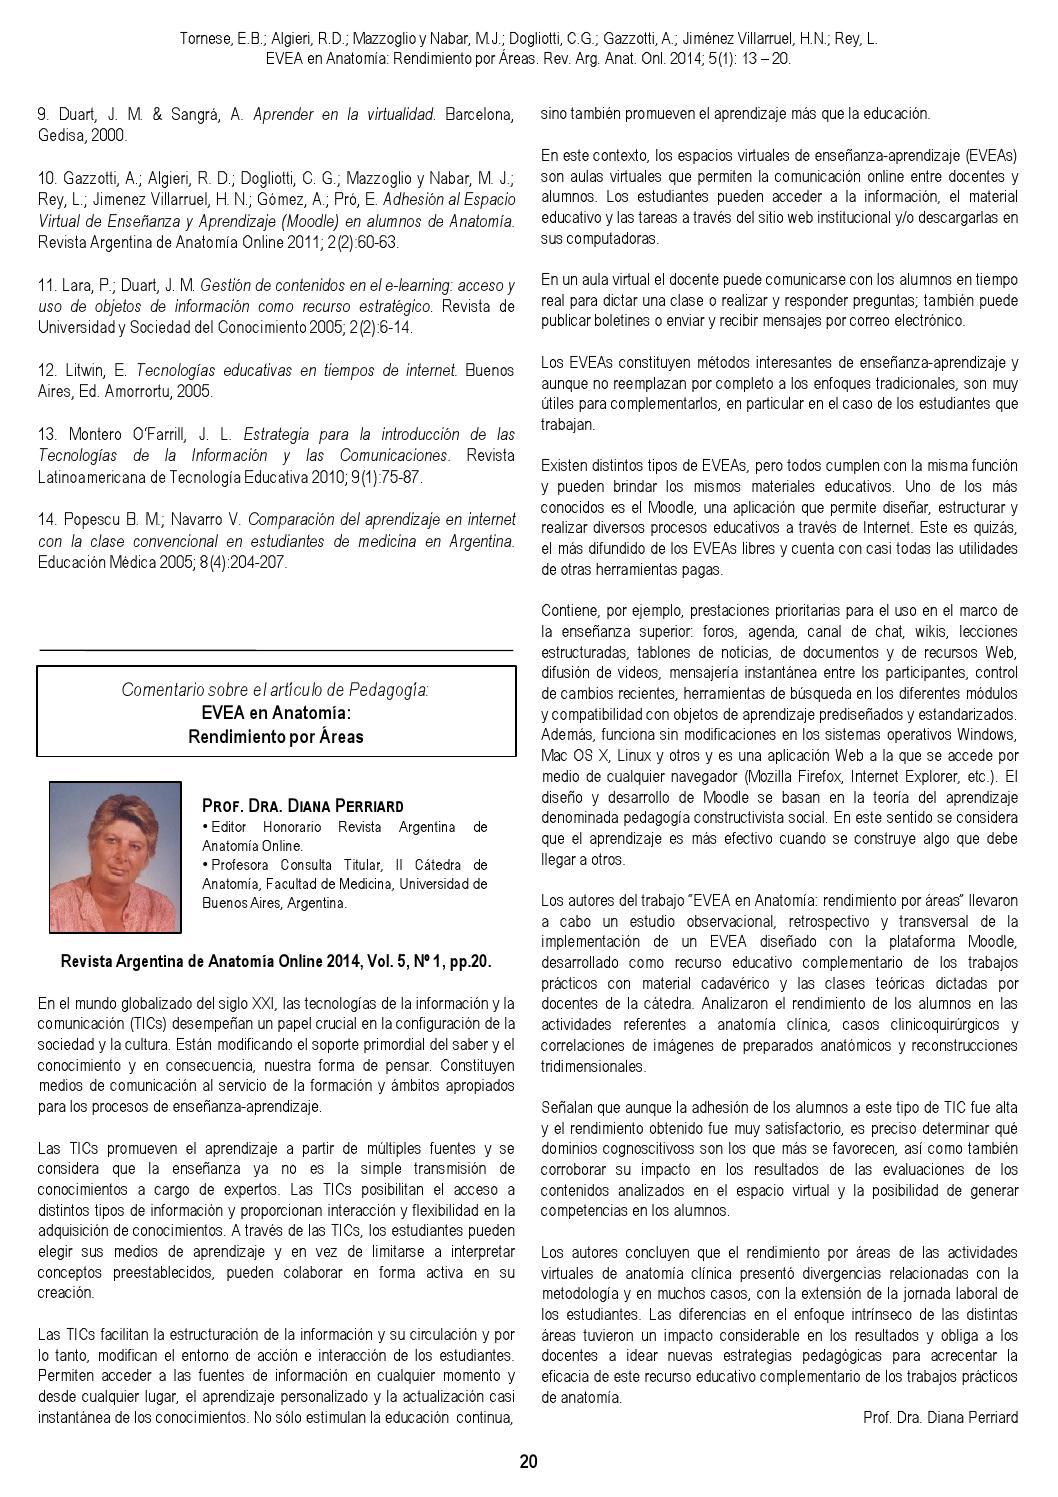 Revista Argentina de Anatomia Online 2014; 5(1):1-44. by Nicolas ...